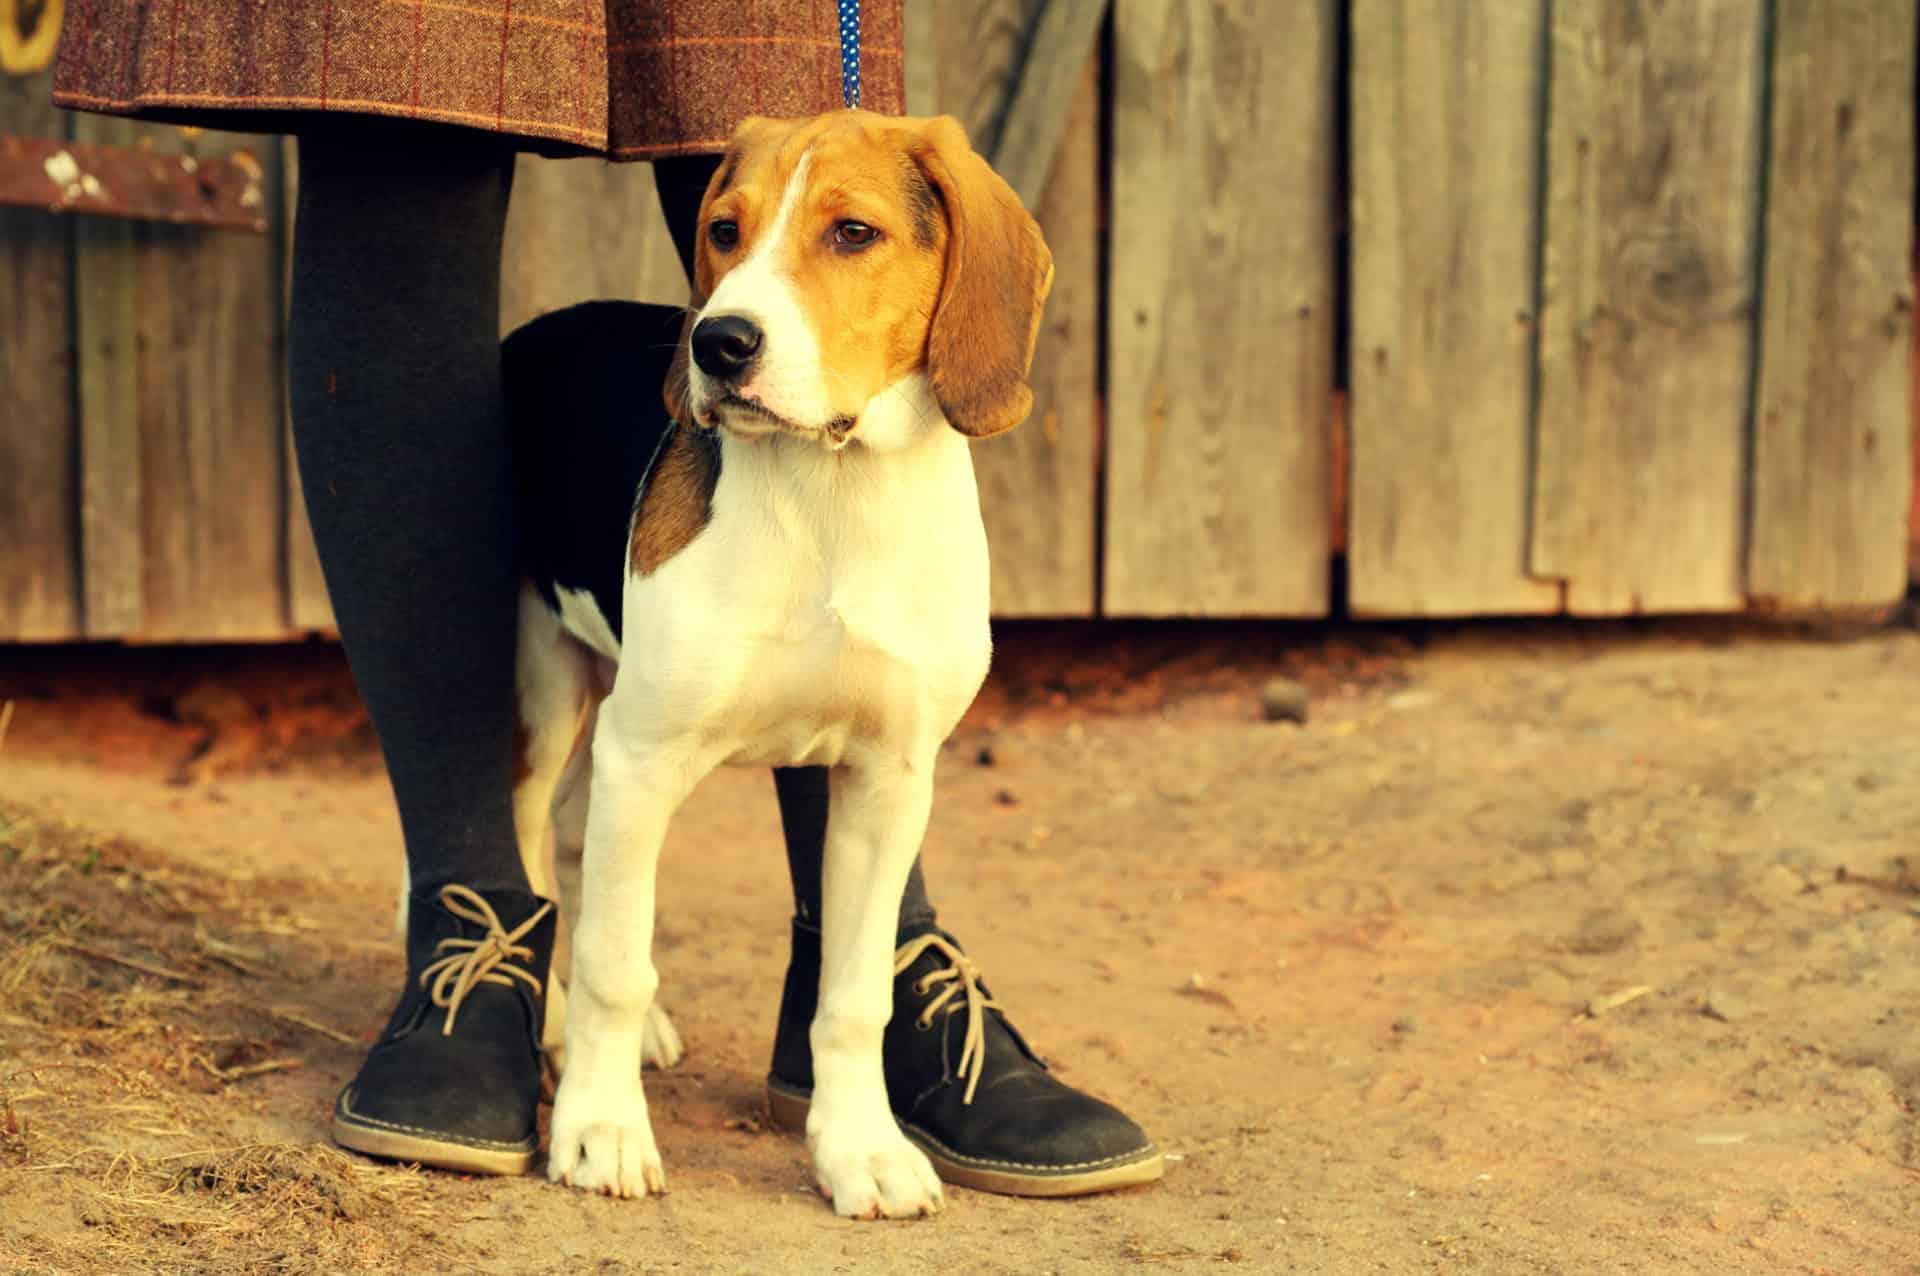 Hunde haben ein ausgeprägtes Ruhebedürfnis